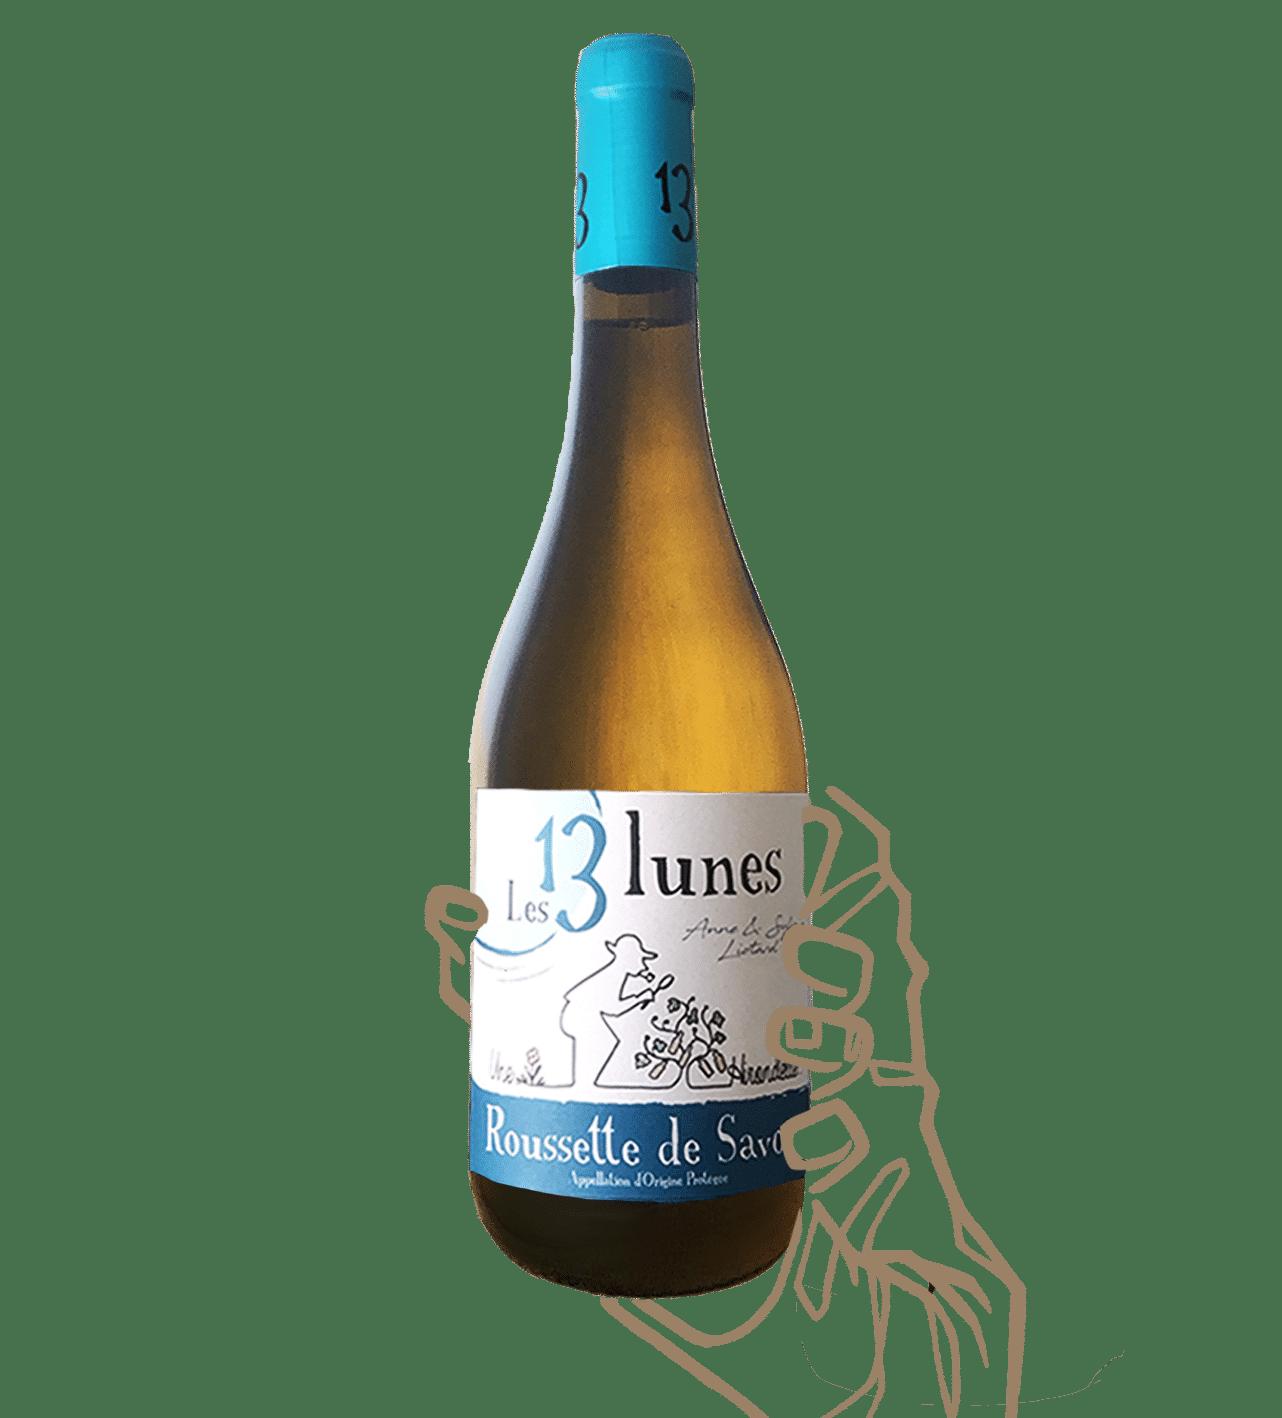 Une hirondelle est un vin naturel de savoie du domaine des 13 lunes